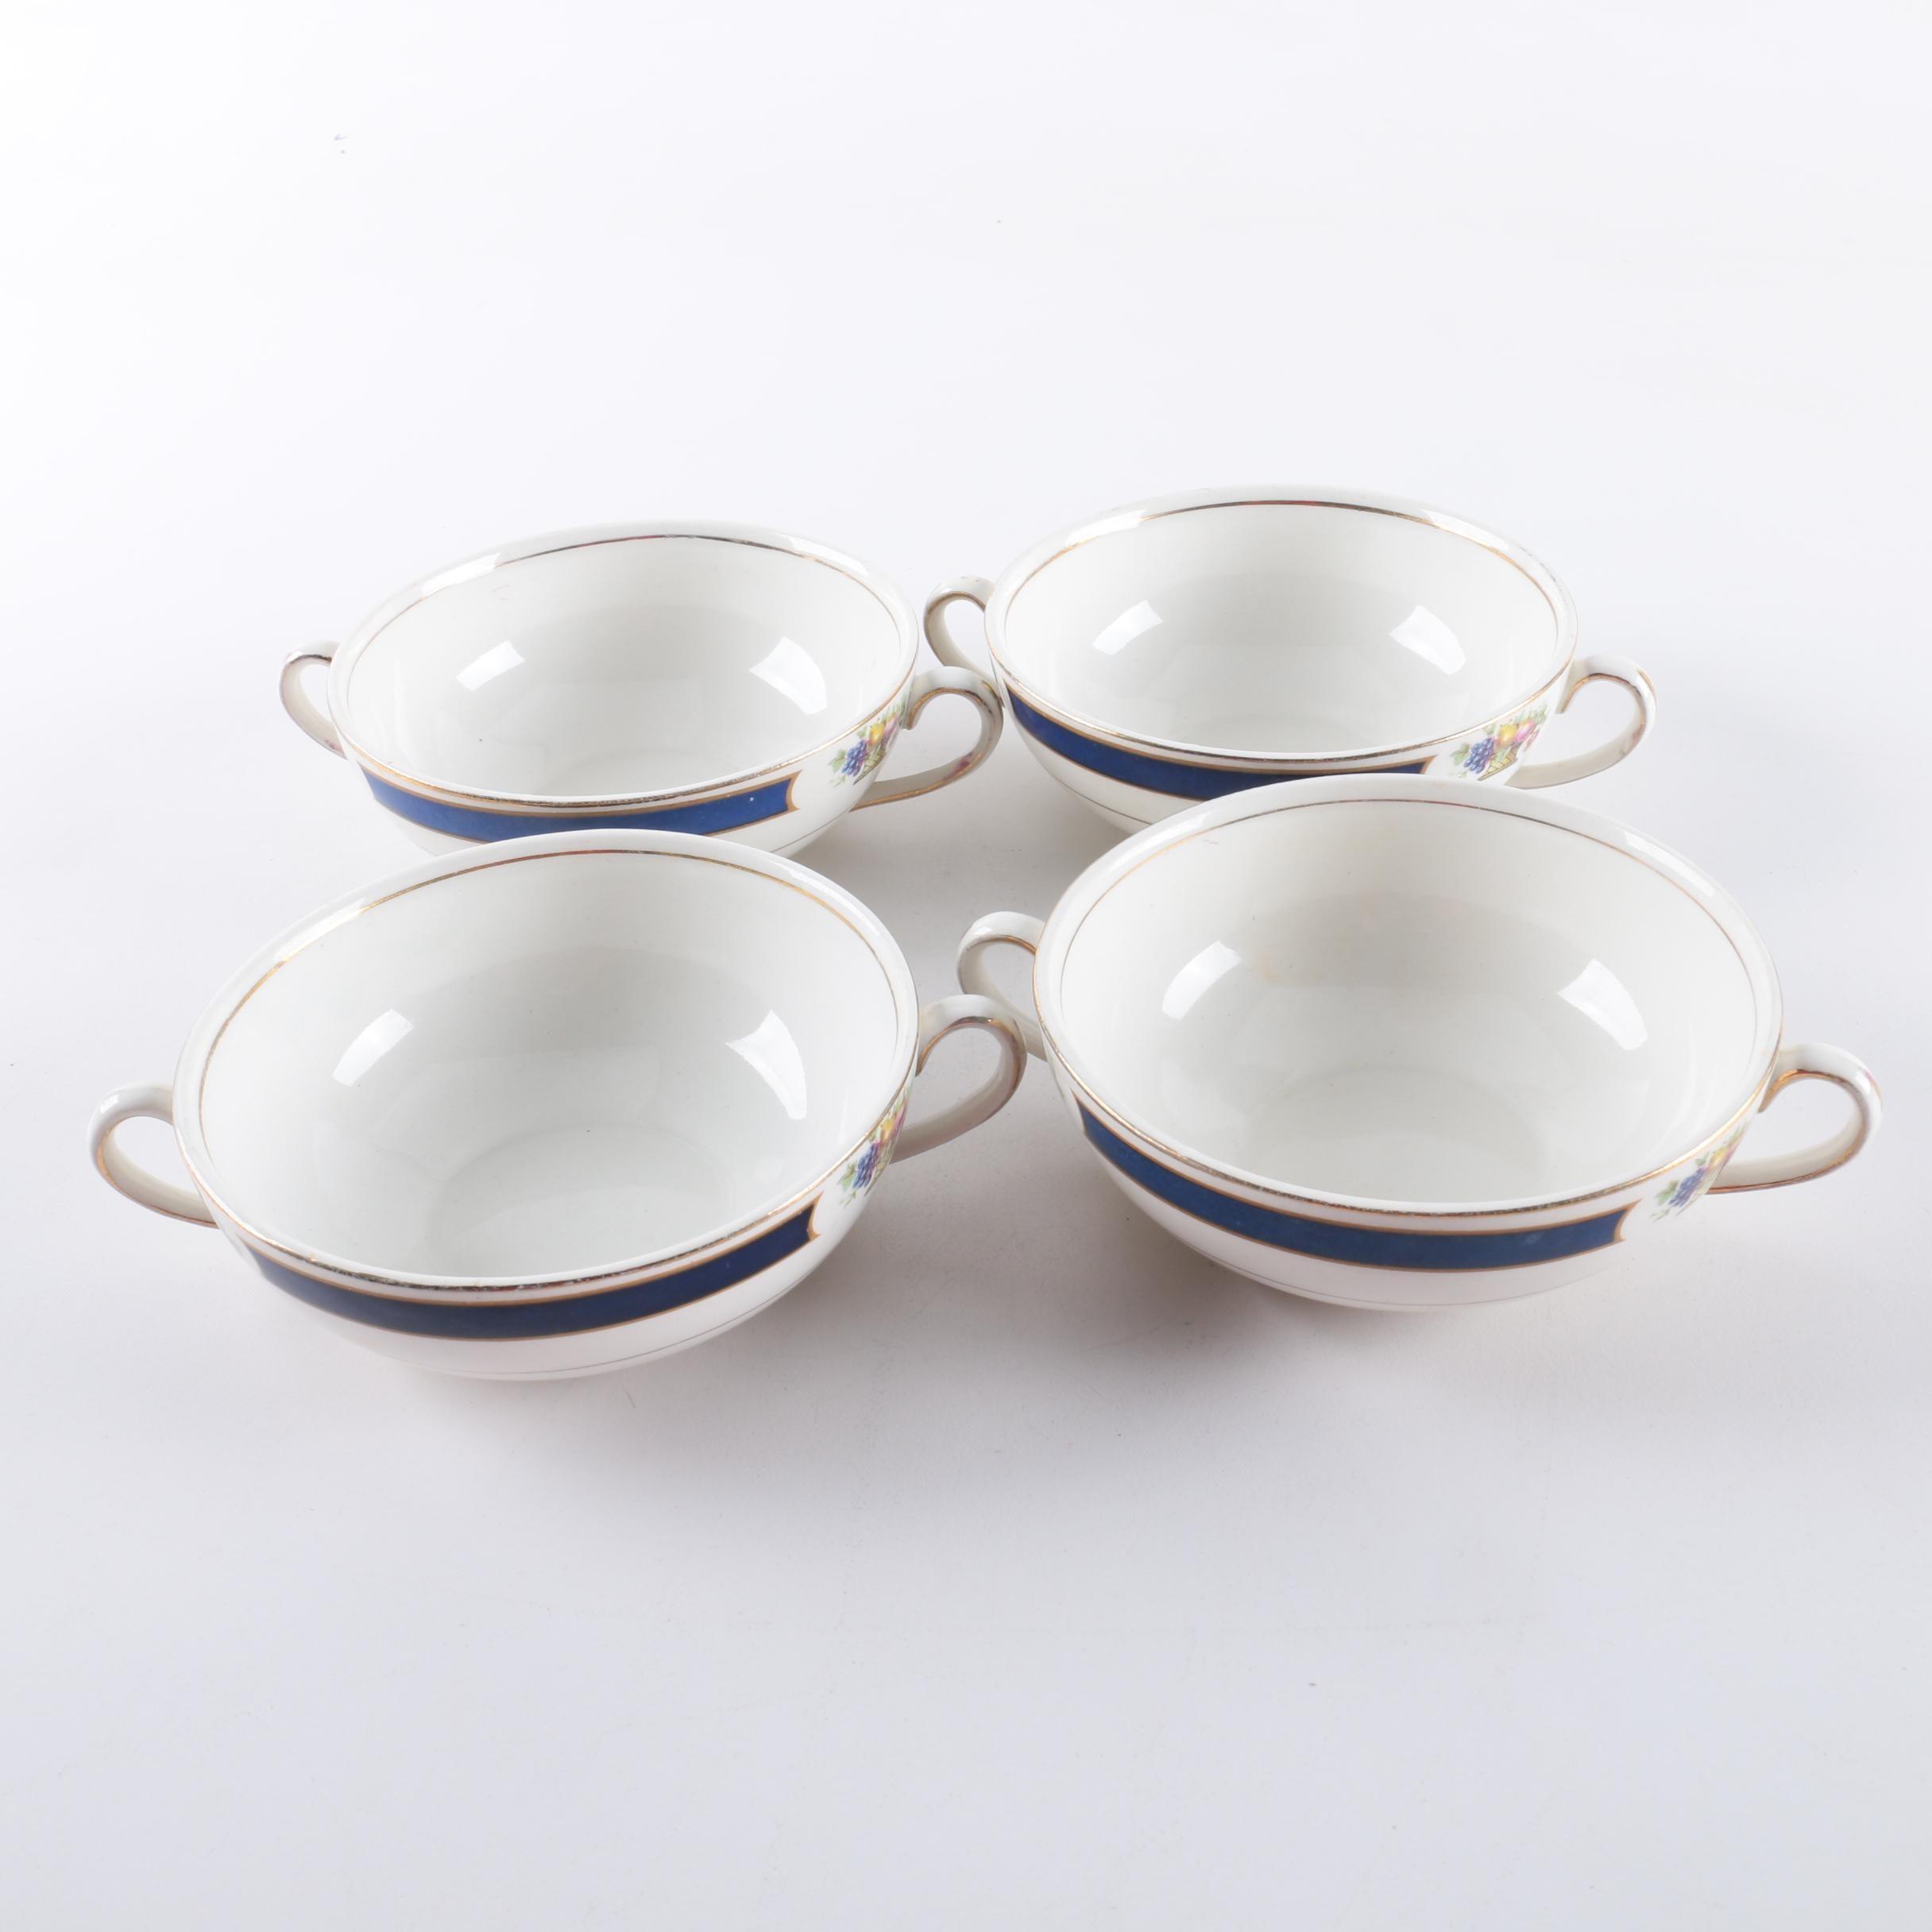 Vintage Porcelain Cream Soup Bowls